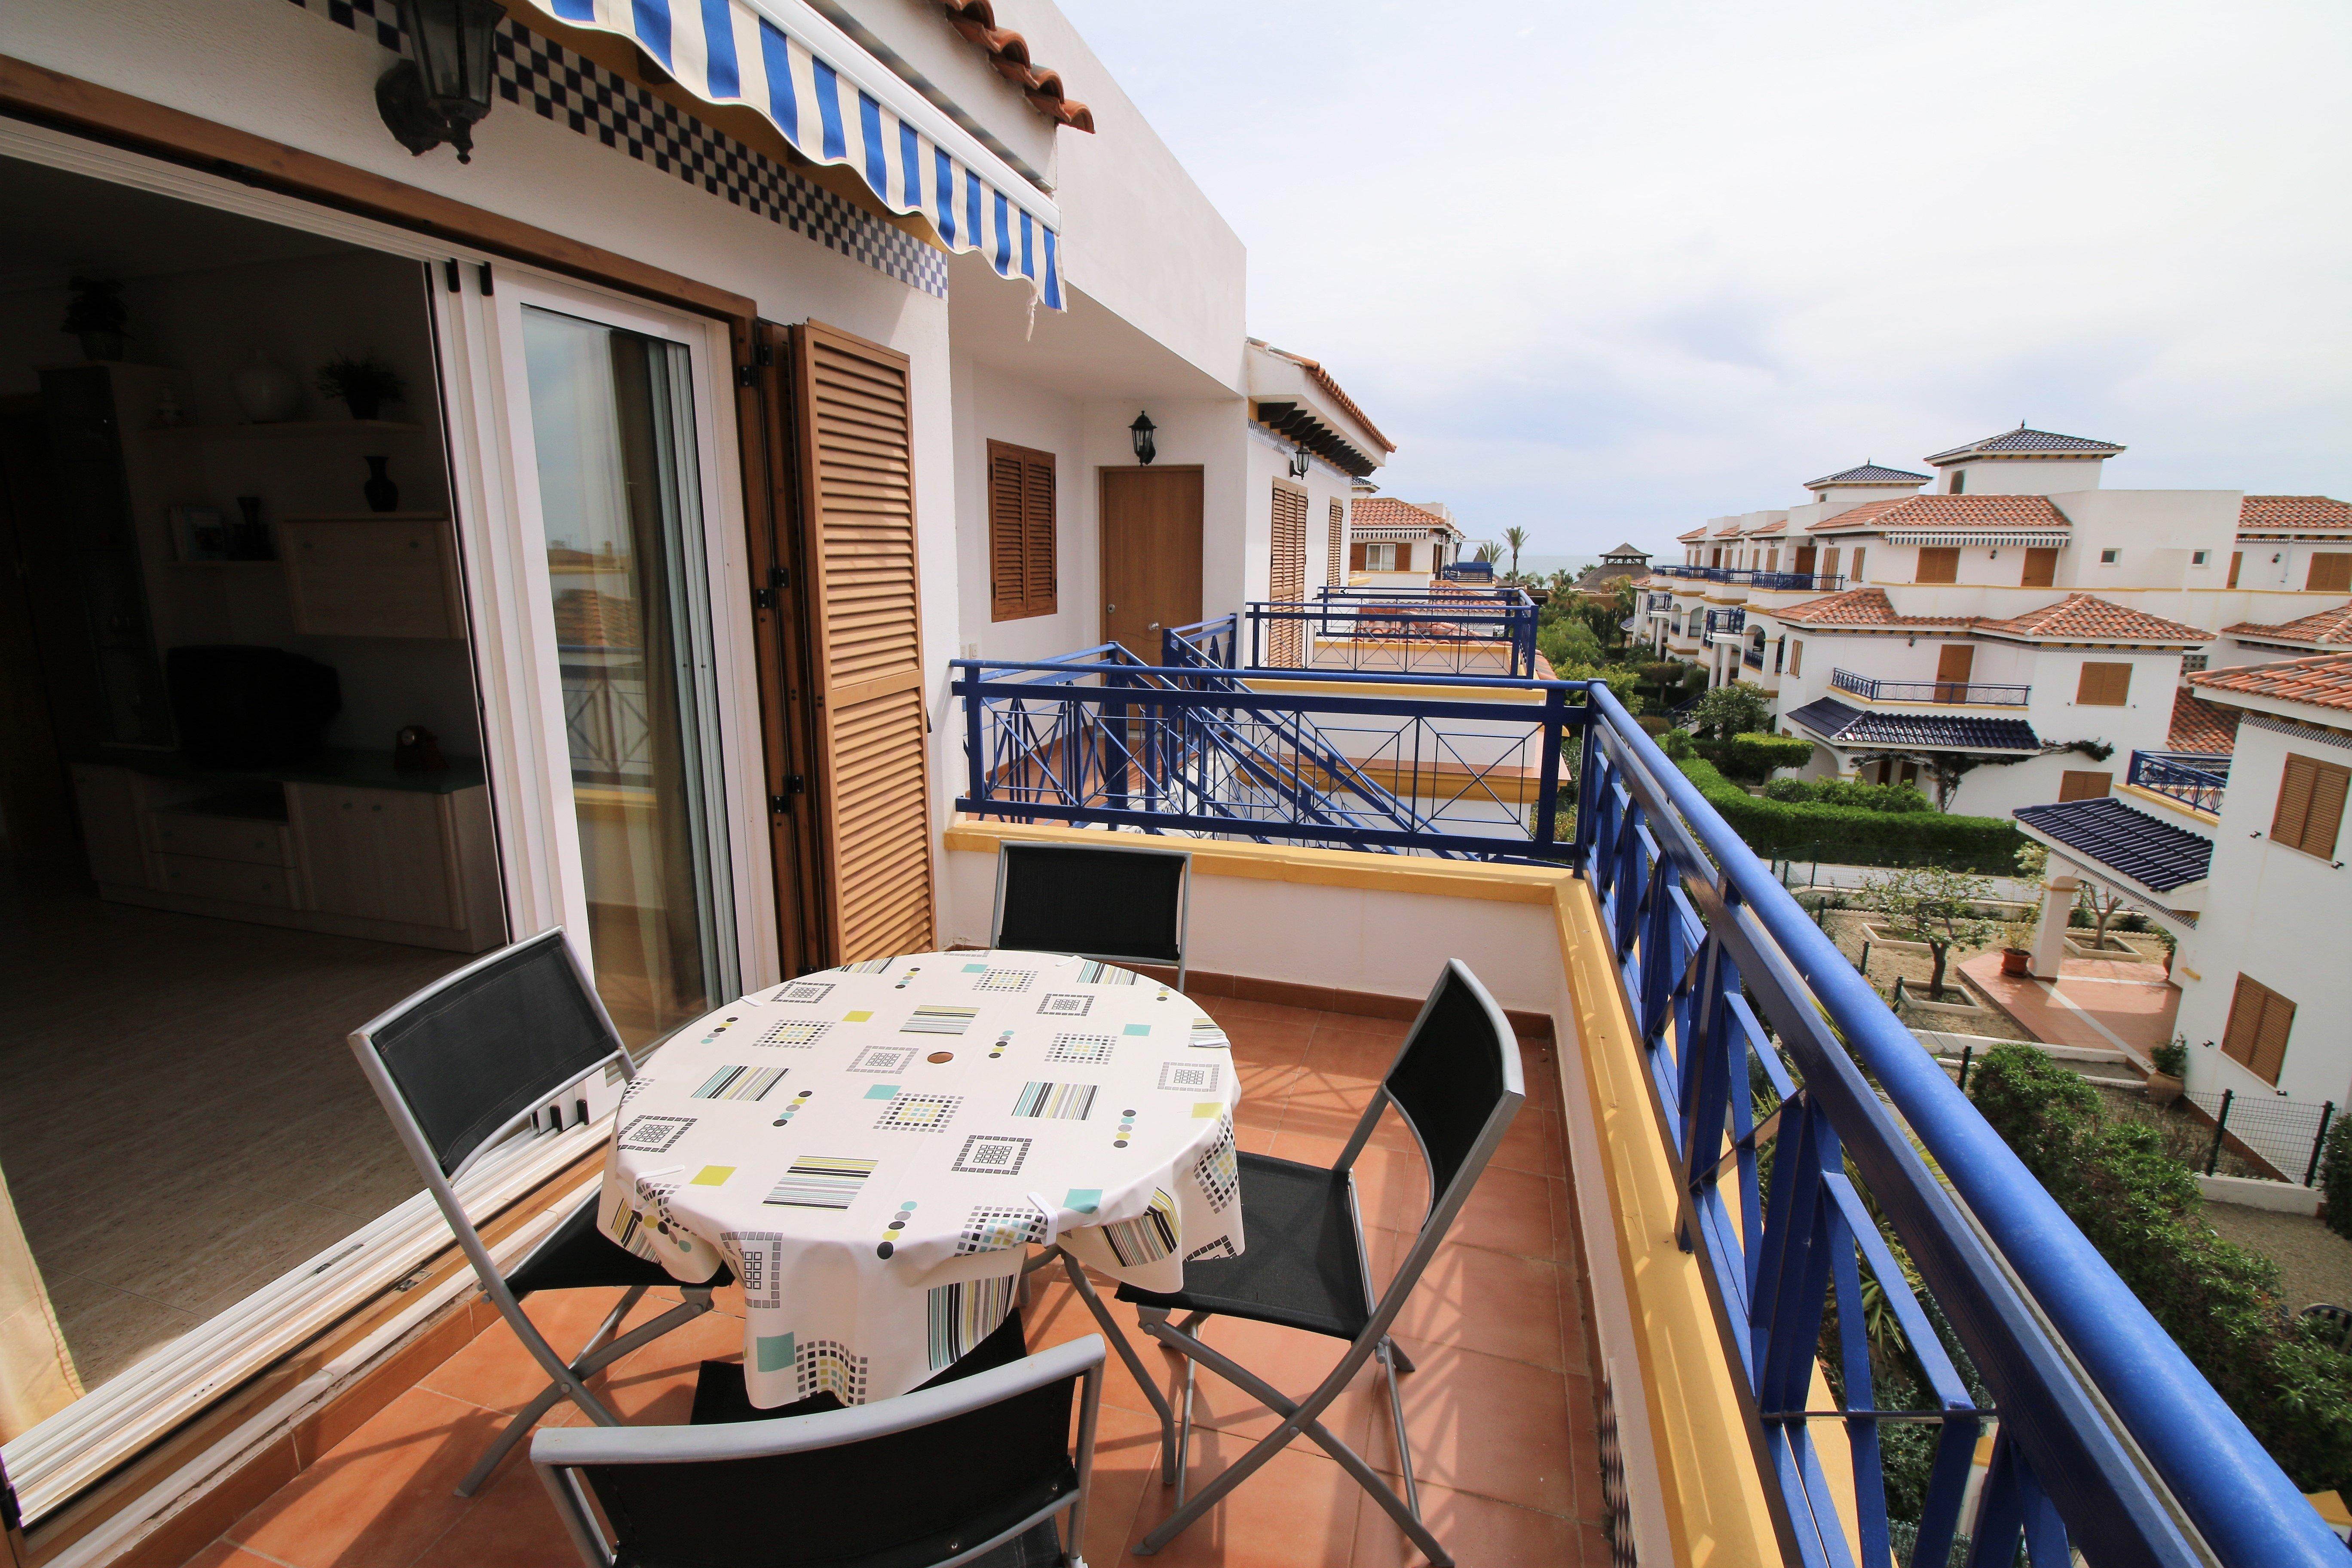 Alquiler de apartamento de 2 dormitorios en Veramar 5, Vera playa RA462